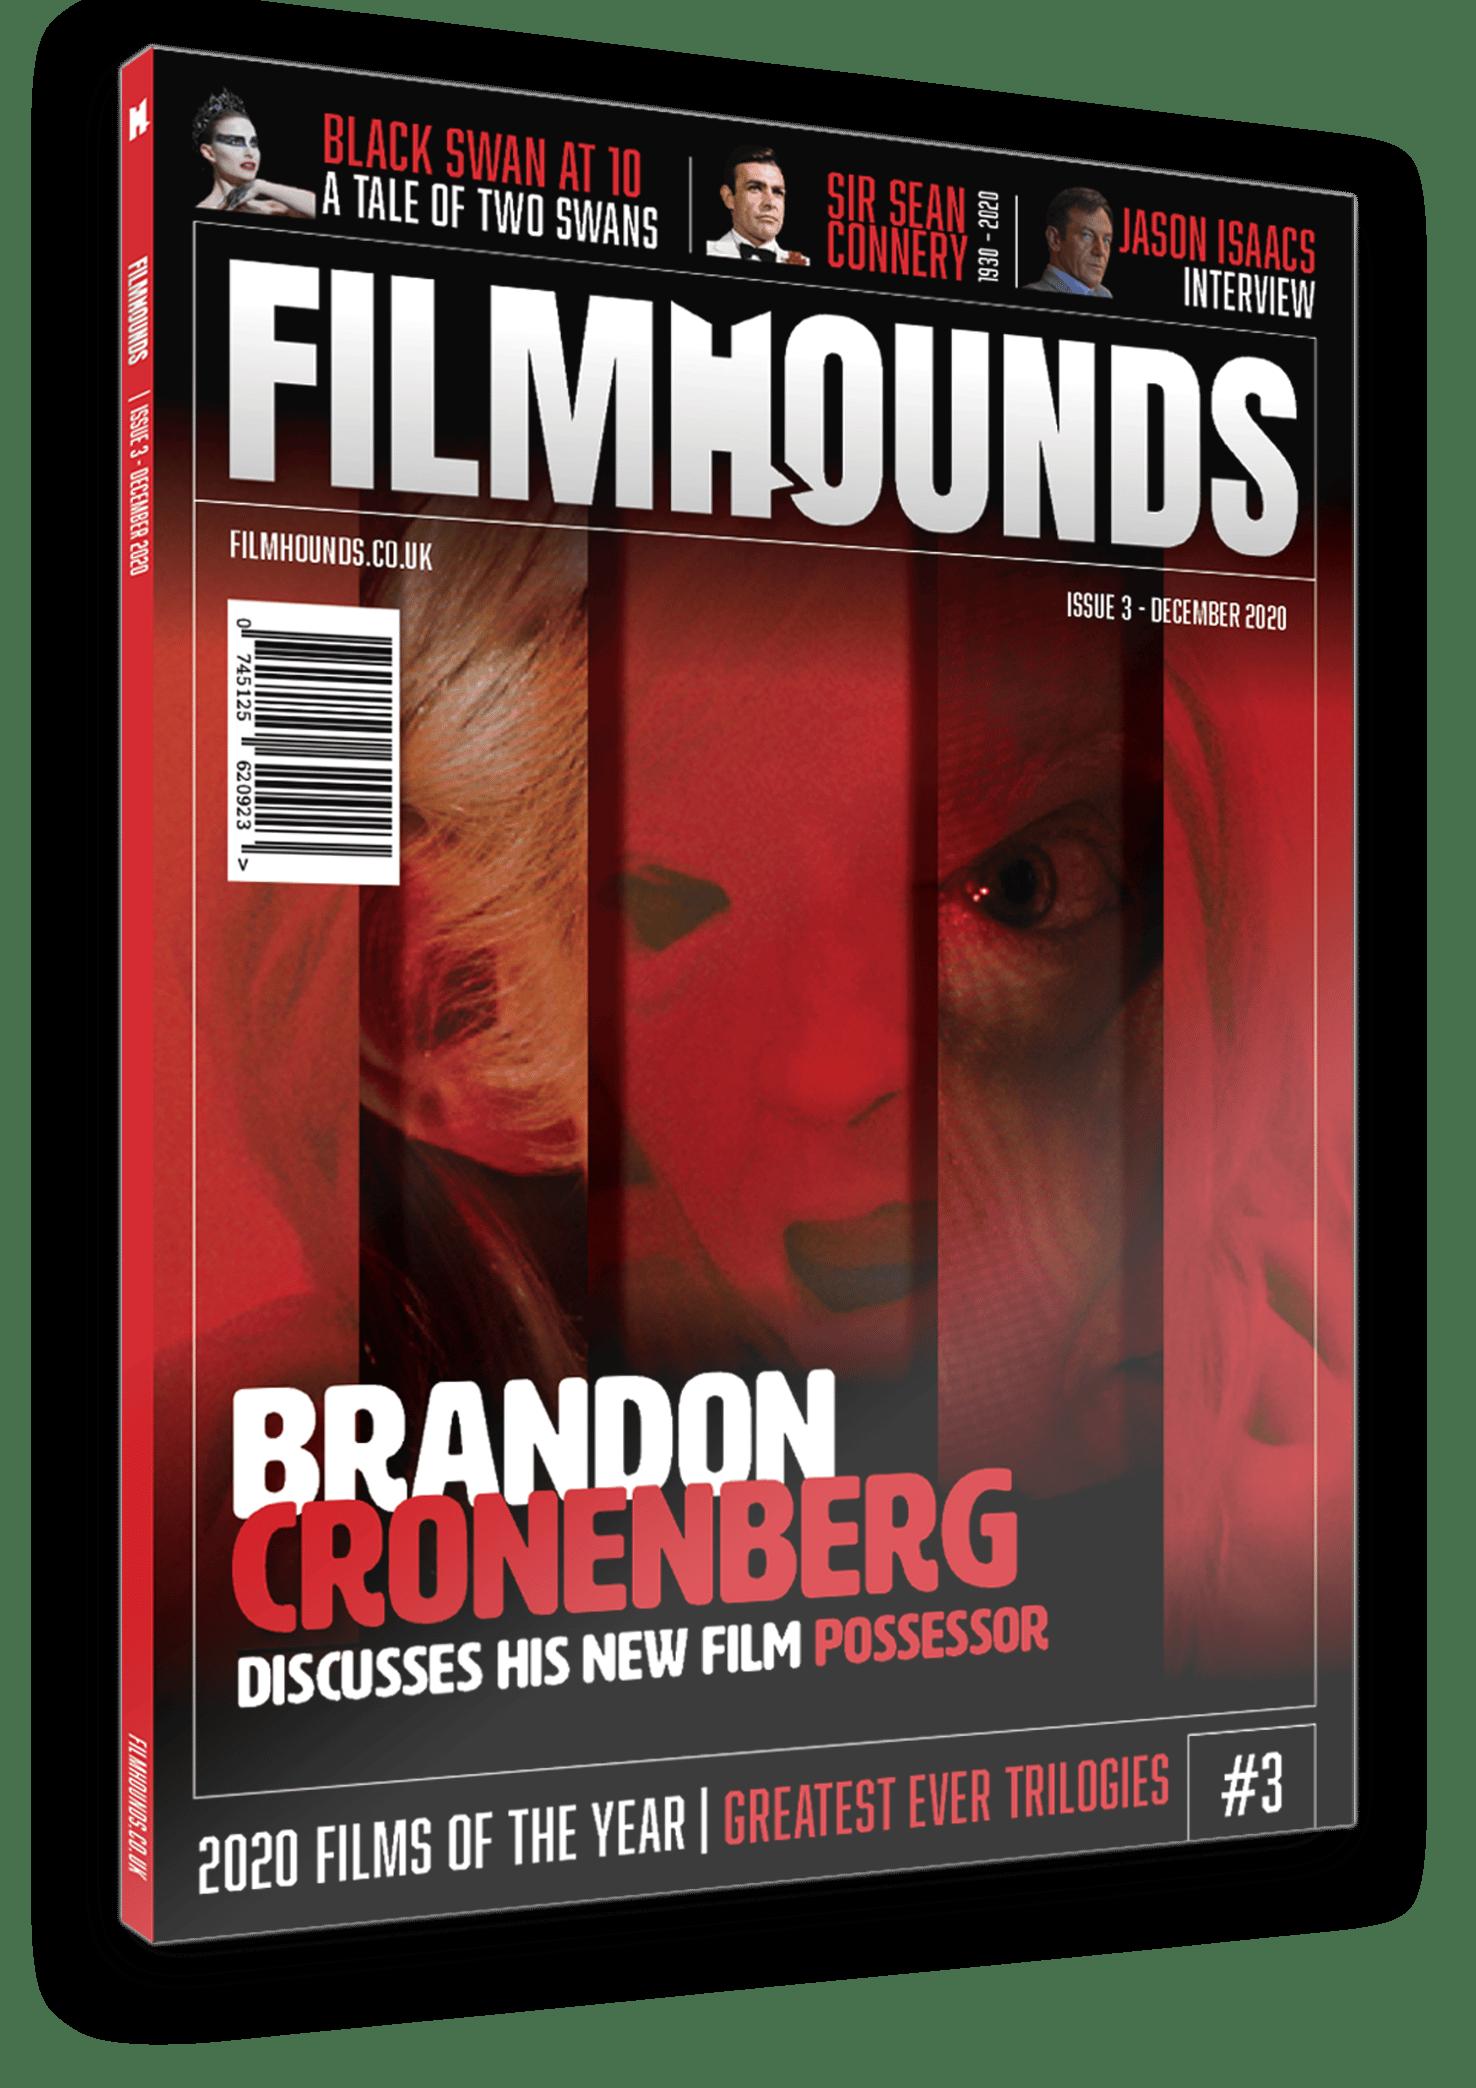 Filmhounds Magazine - Issue 3  - December 2020